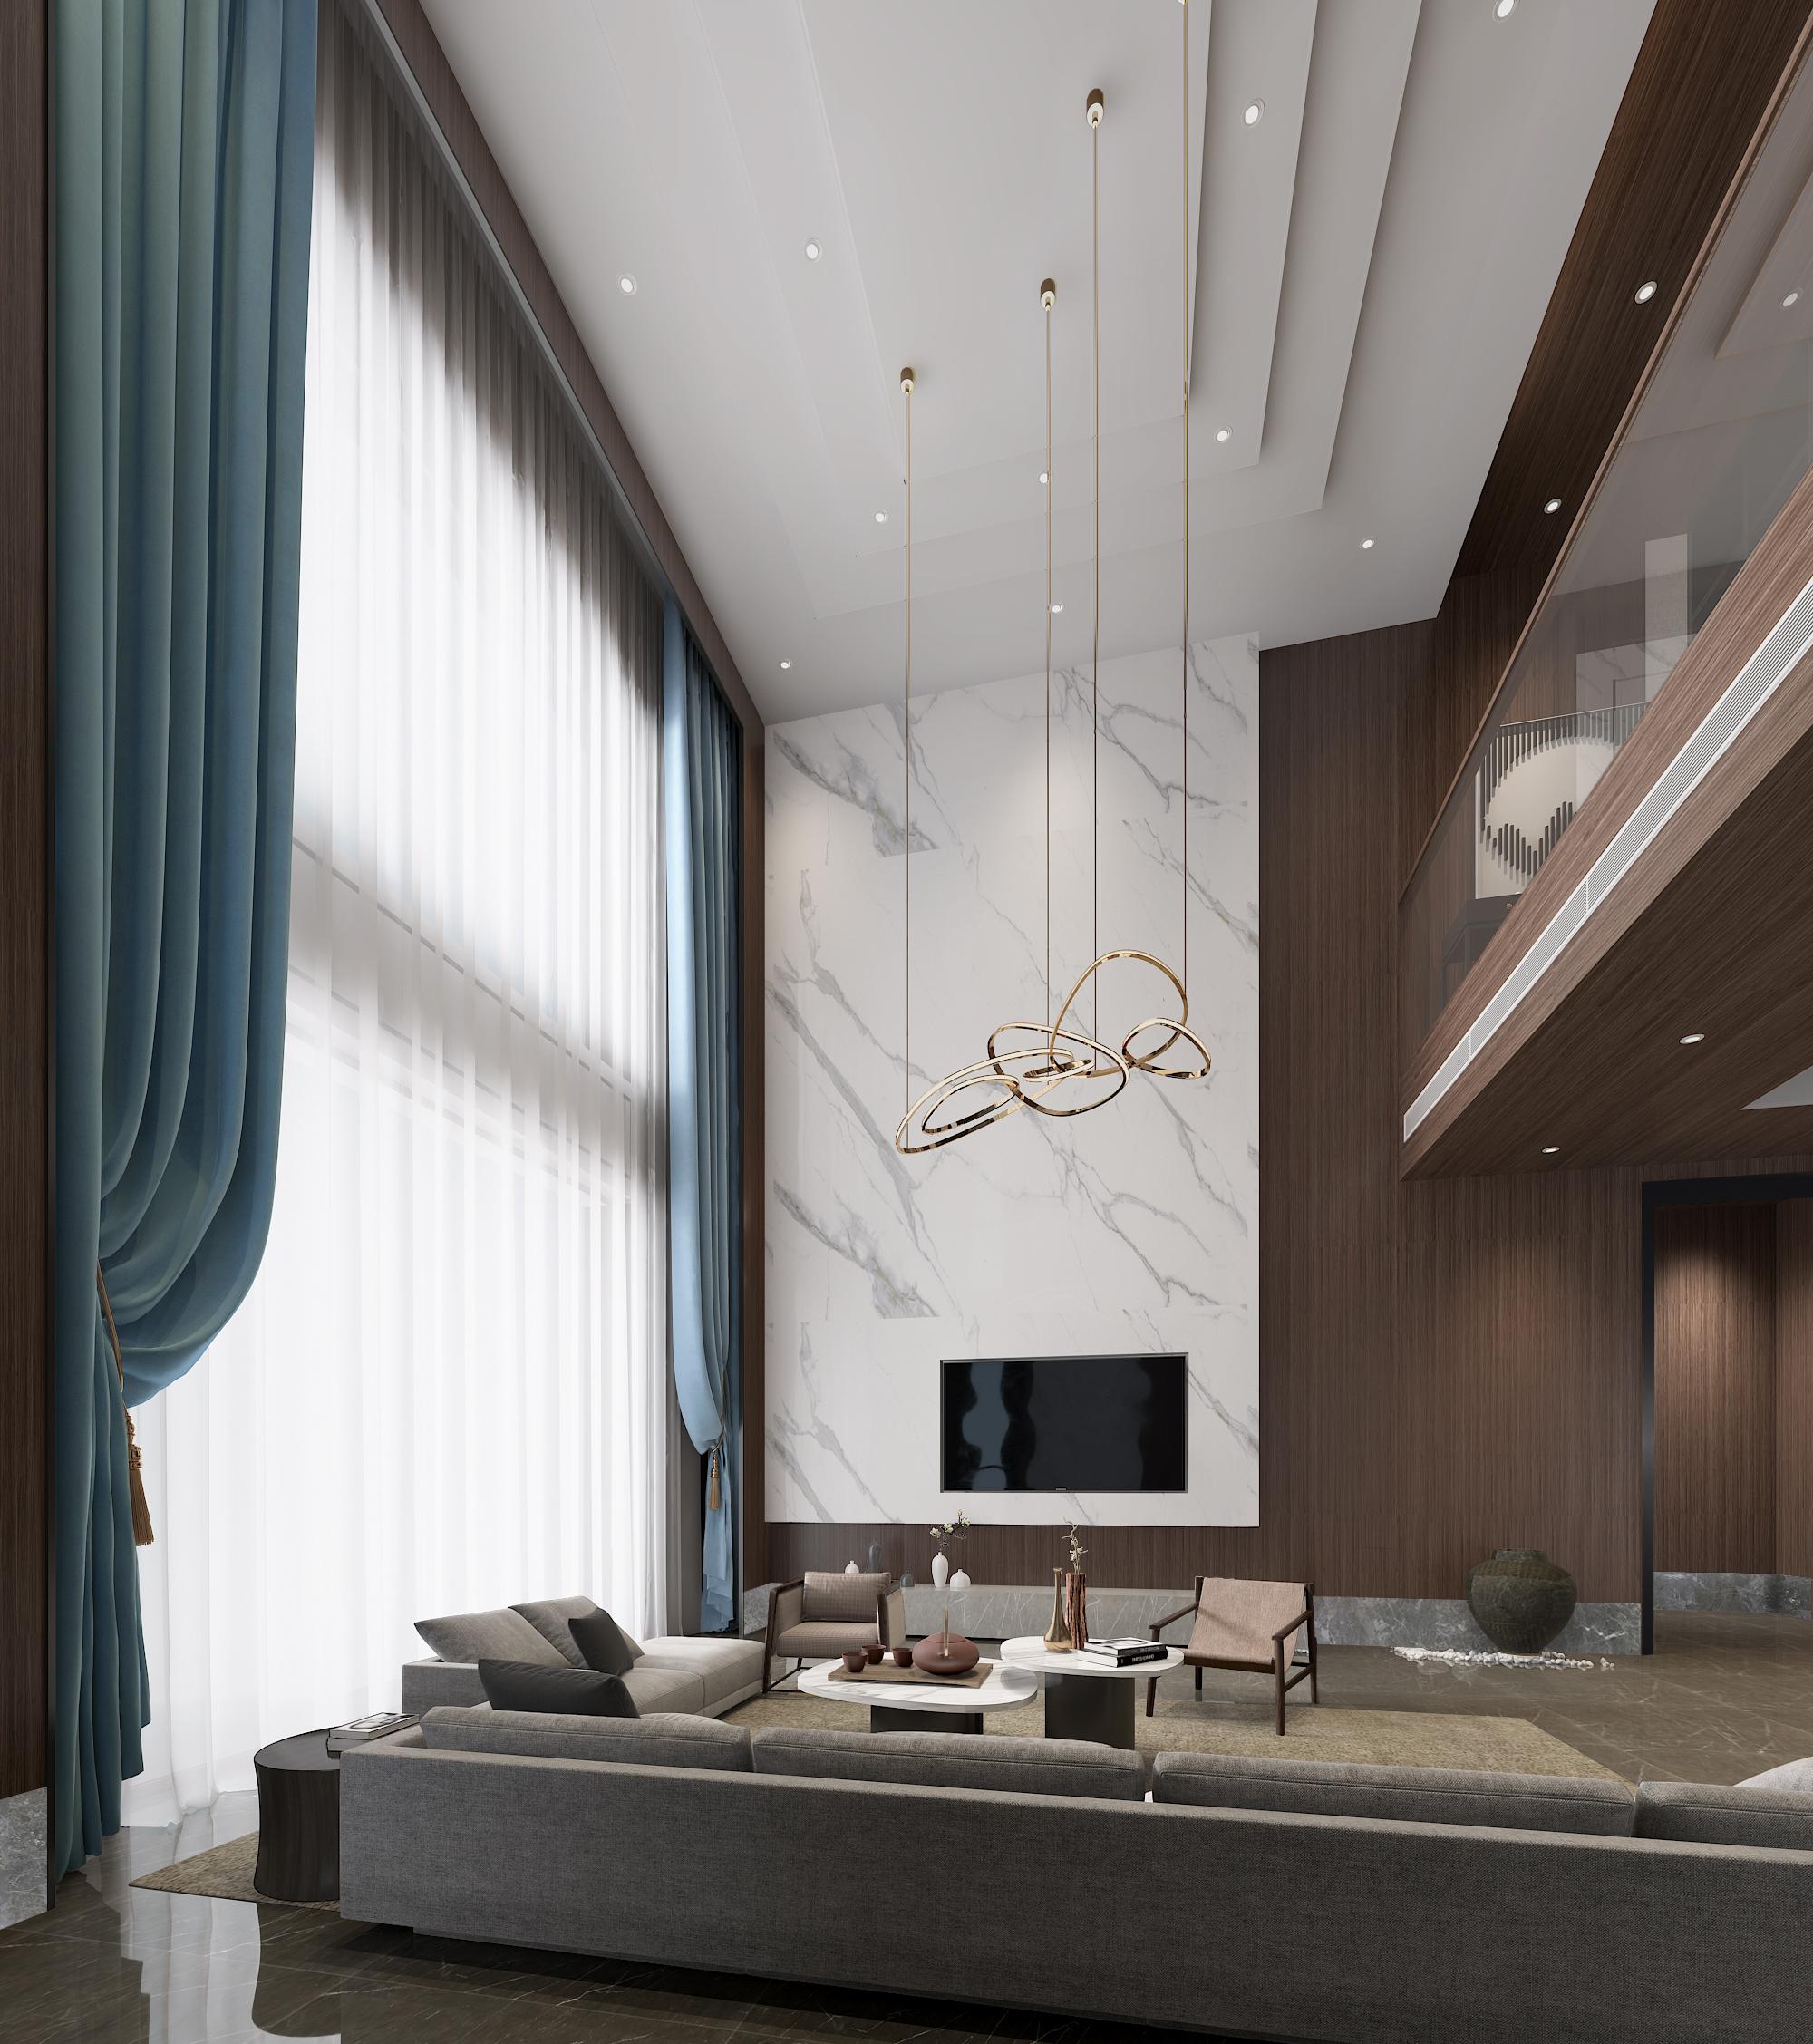 简约 混搭 别墅 客厅图片来自林上淮·圣奇凯尚装饰在爱家有故事·现代中式的分享